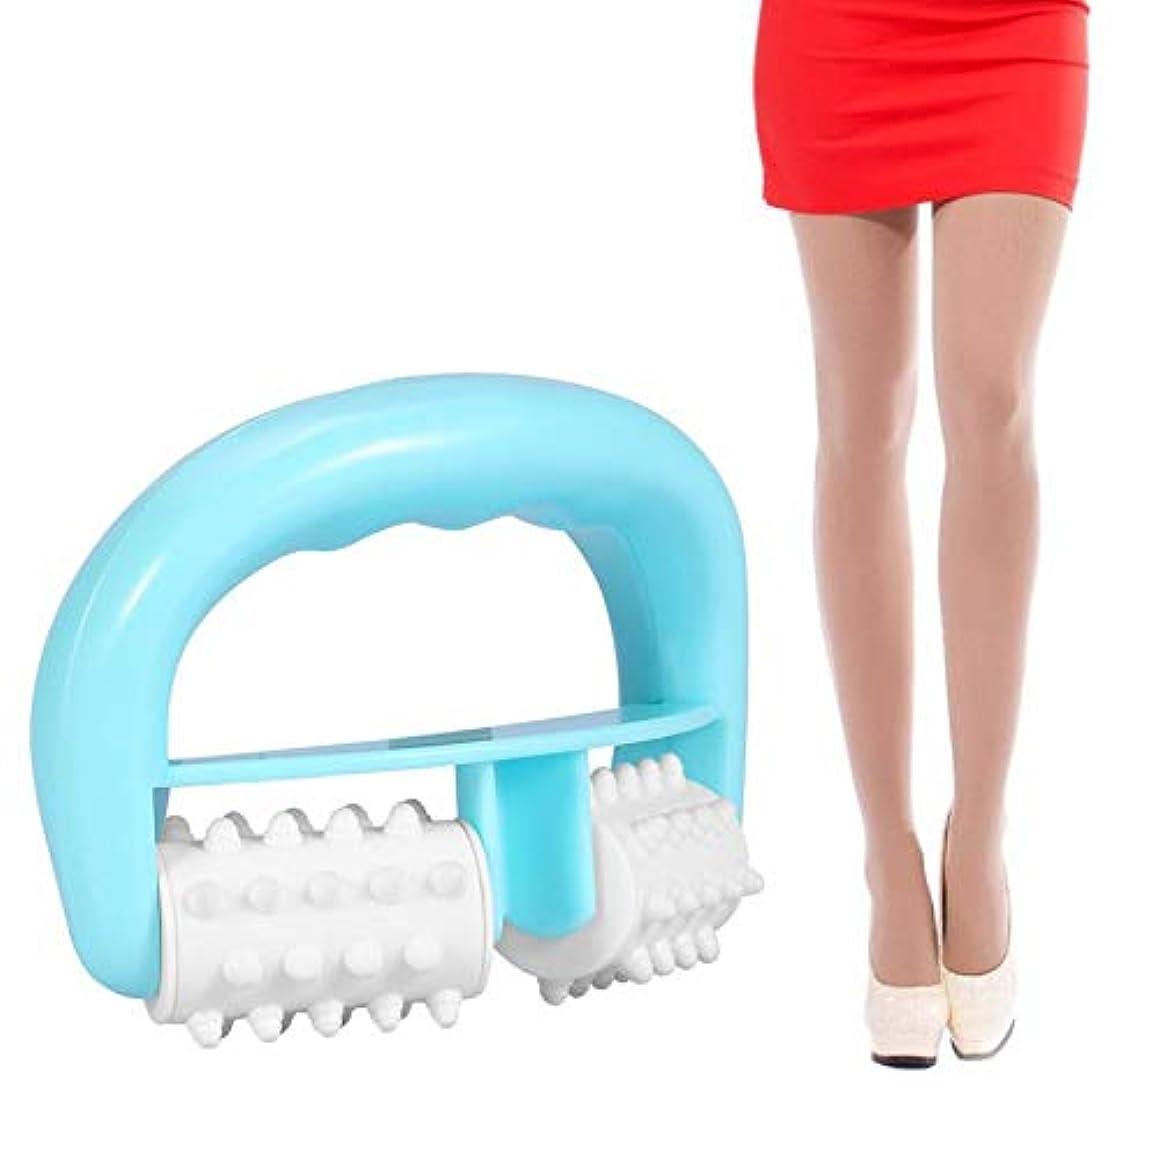 見捨てられたミルク無駄なHandle Cell Roller Massager Mini Wheel Ball Slimming Body Leg Foot Hand Neck Fat Cellulite Control Pain Relief...